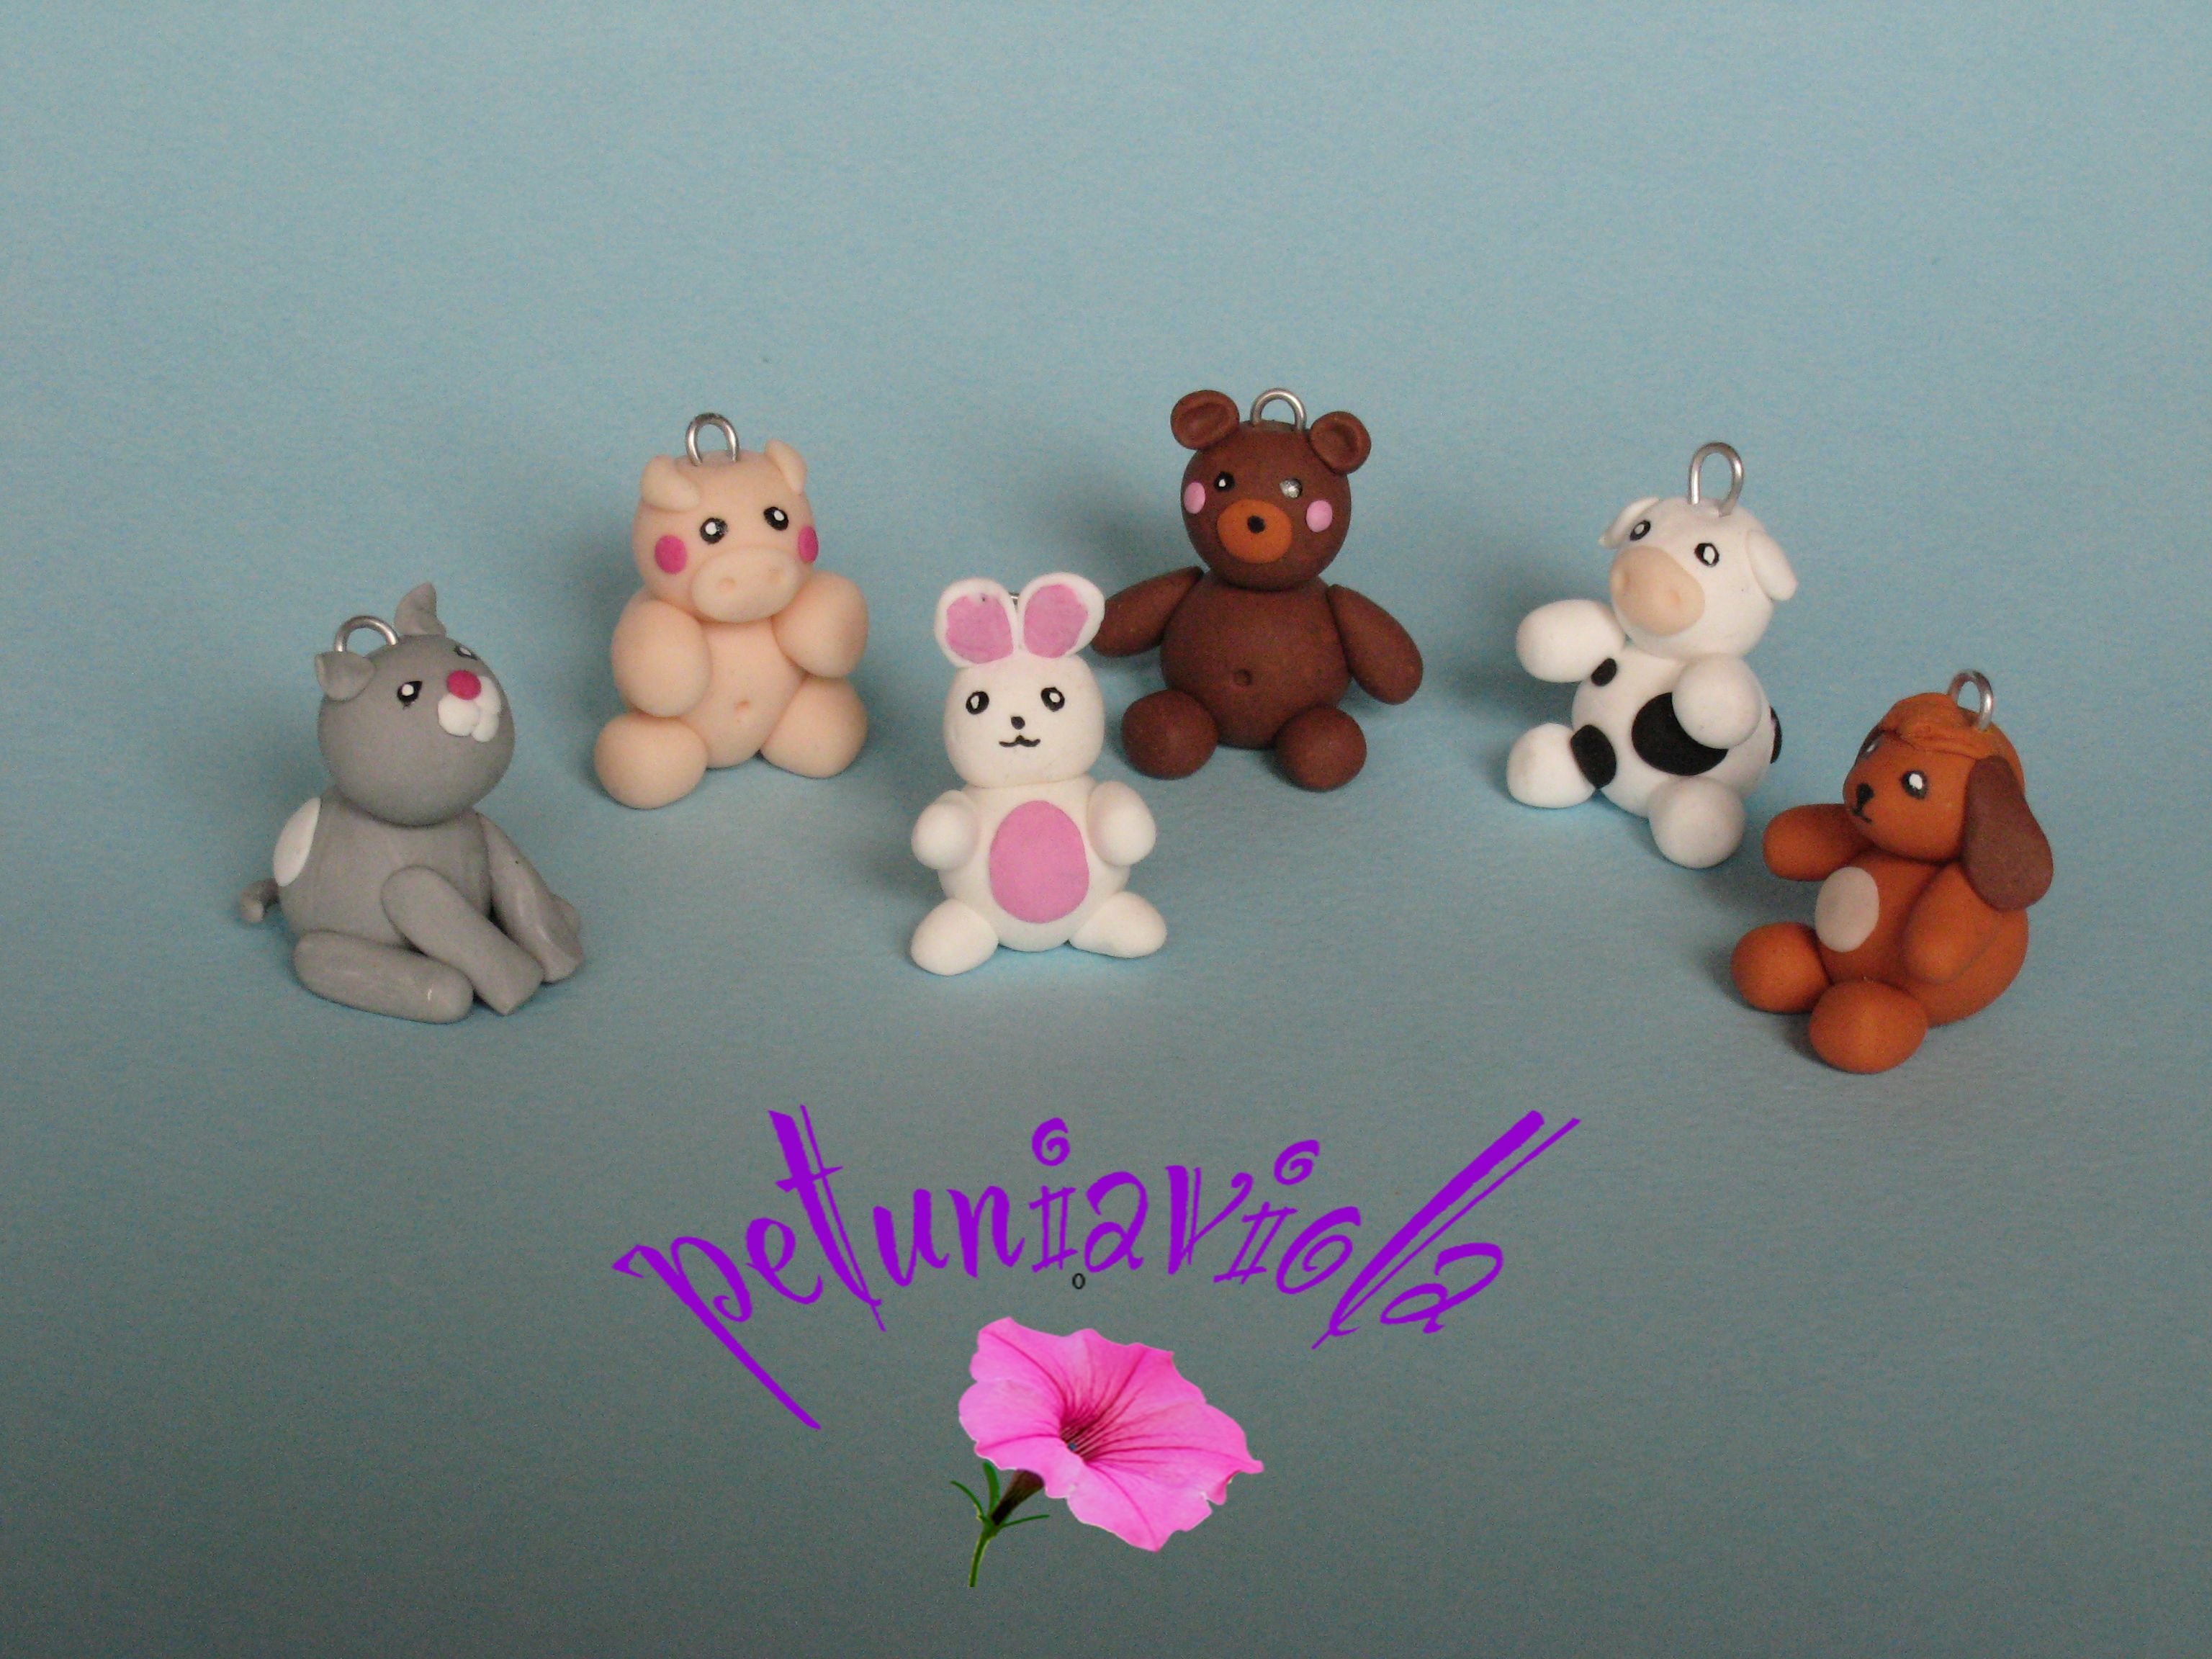 Animaletti realizzati a mano in fimo da appendere, ideali per bomboniere. Si possono acquistare su Misshobby. com.